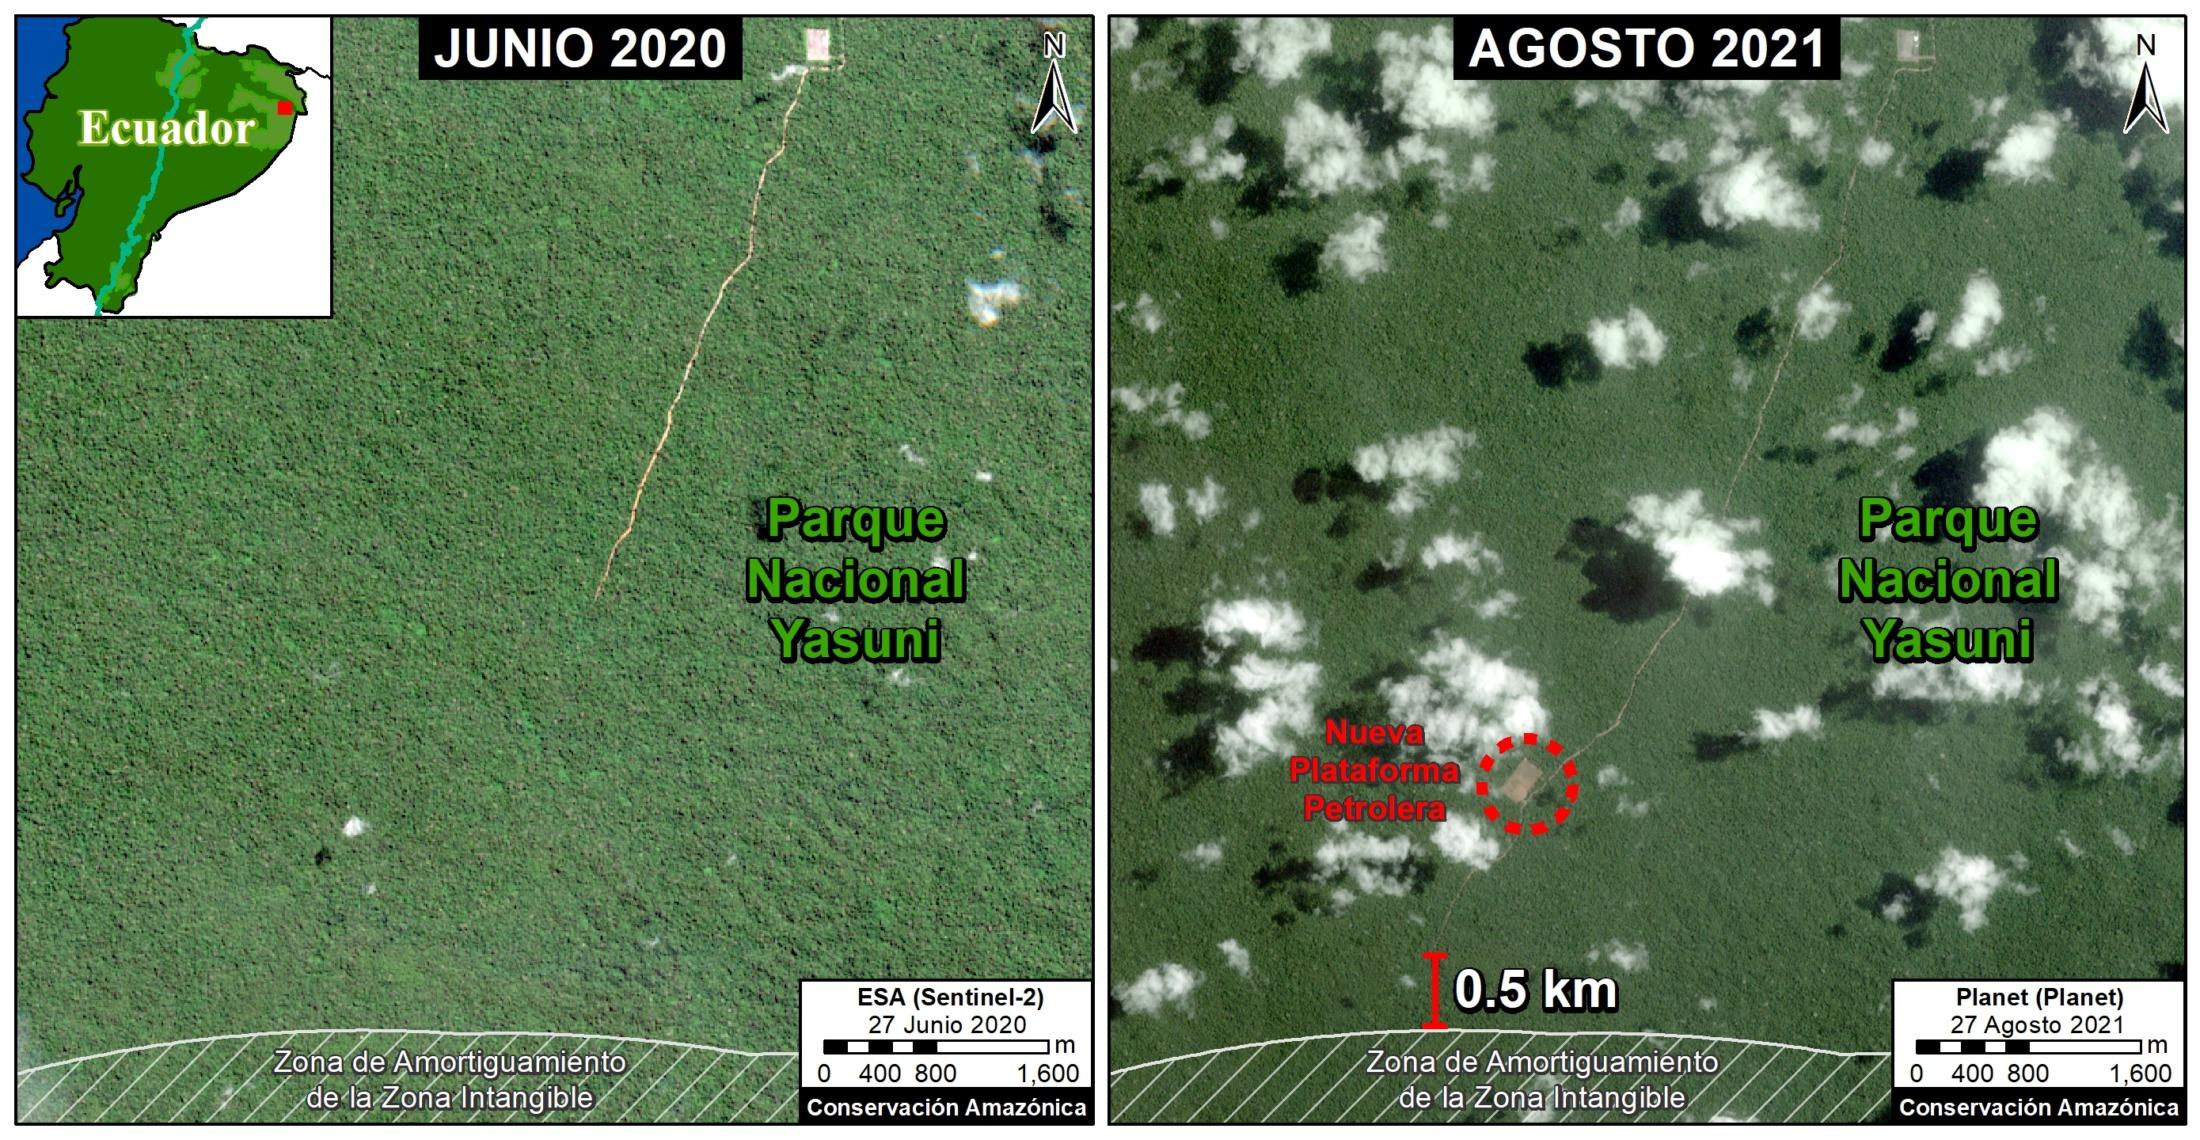 Actualización de 31 agosto 2021. Prolongación de 3 km adicionales a la vía de acceso petrolero en dirección a la Zona Intangible en agosto de 2021. Imagen: cortesía MAAP.